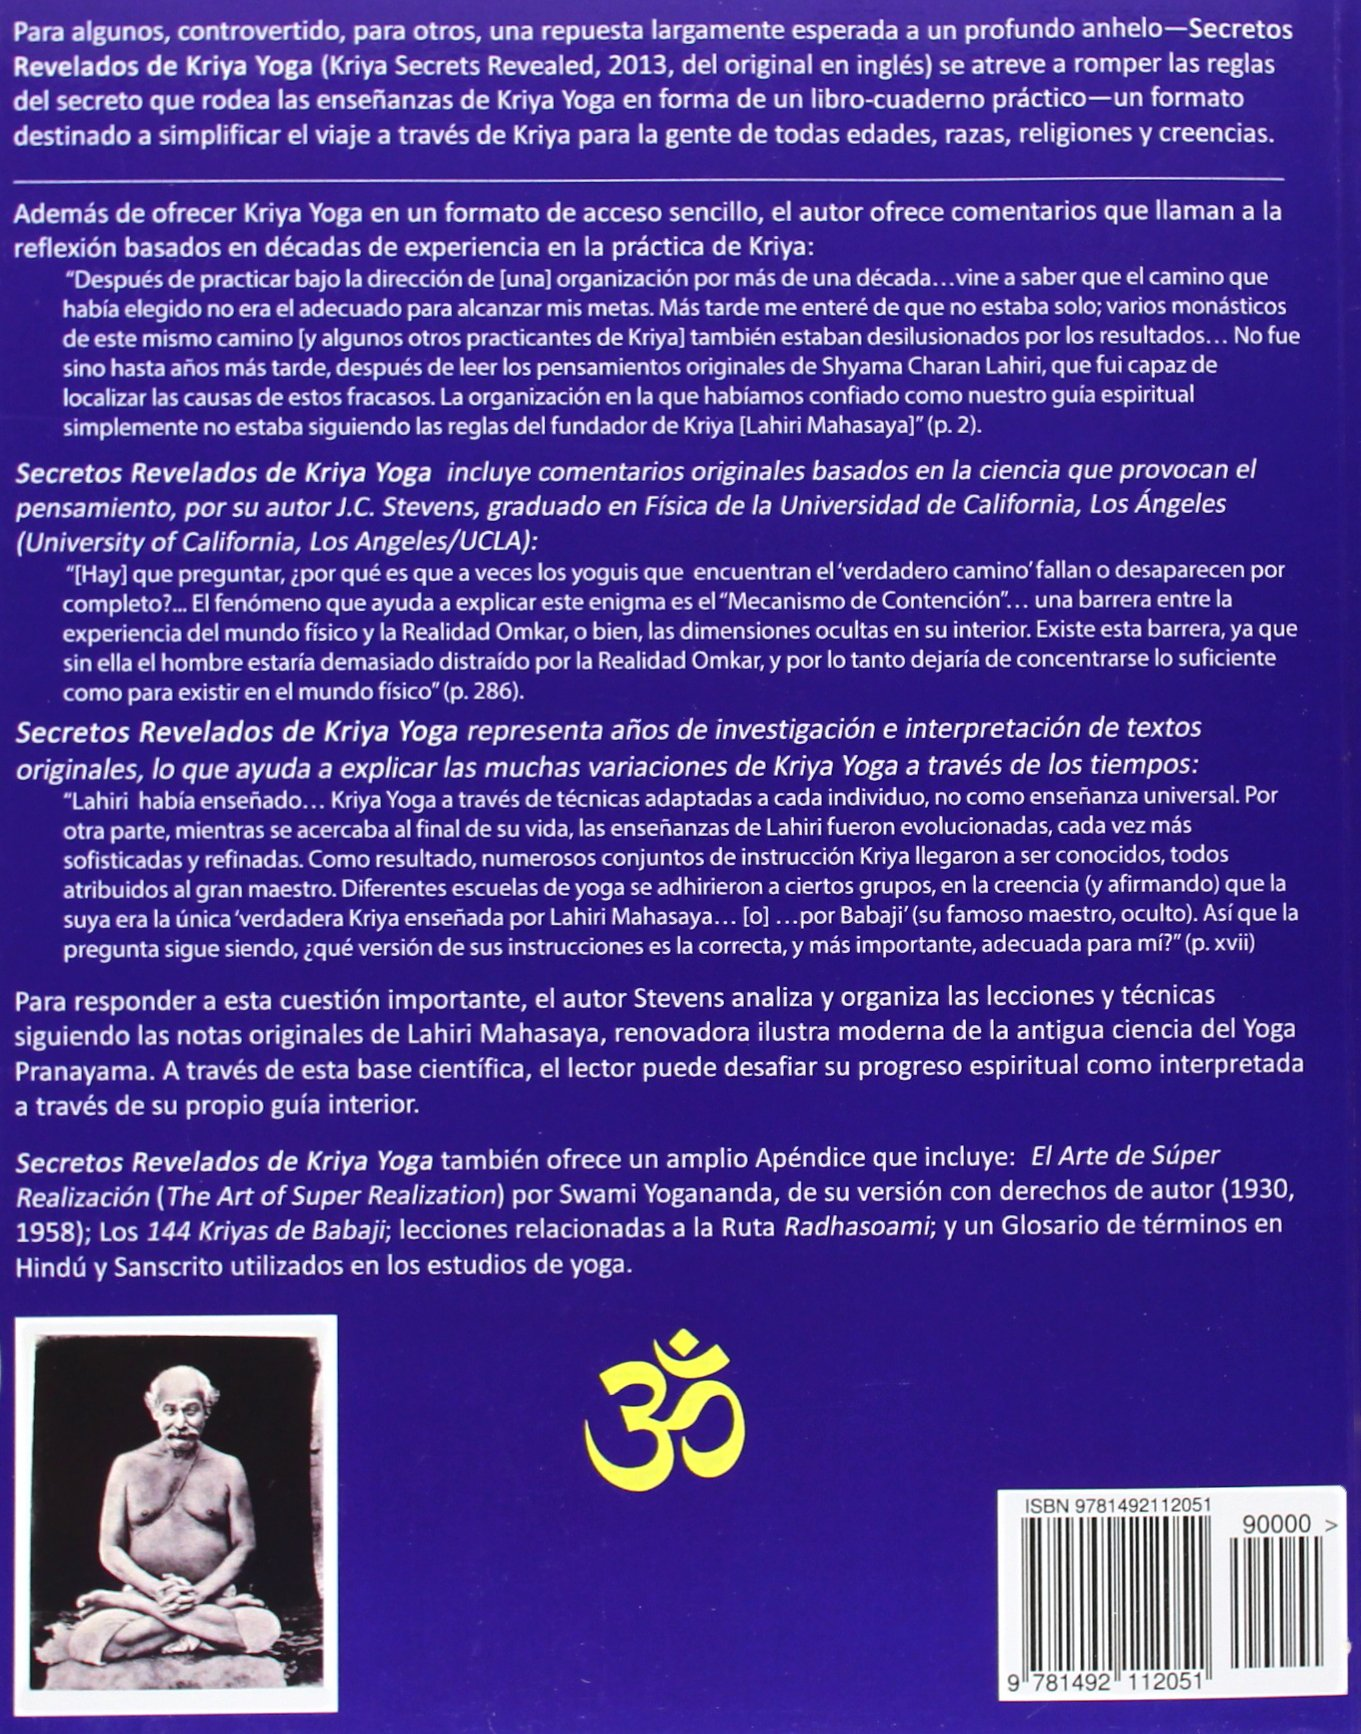 Secretos Revelados de Kriya Yoga: Lecciones Completas,Manual ...